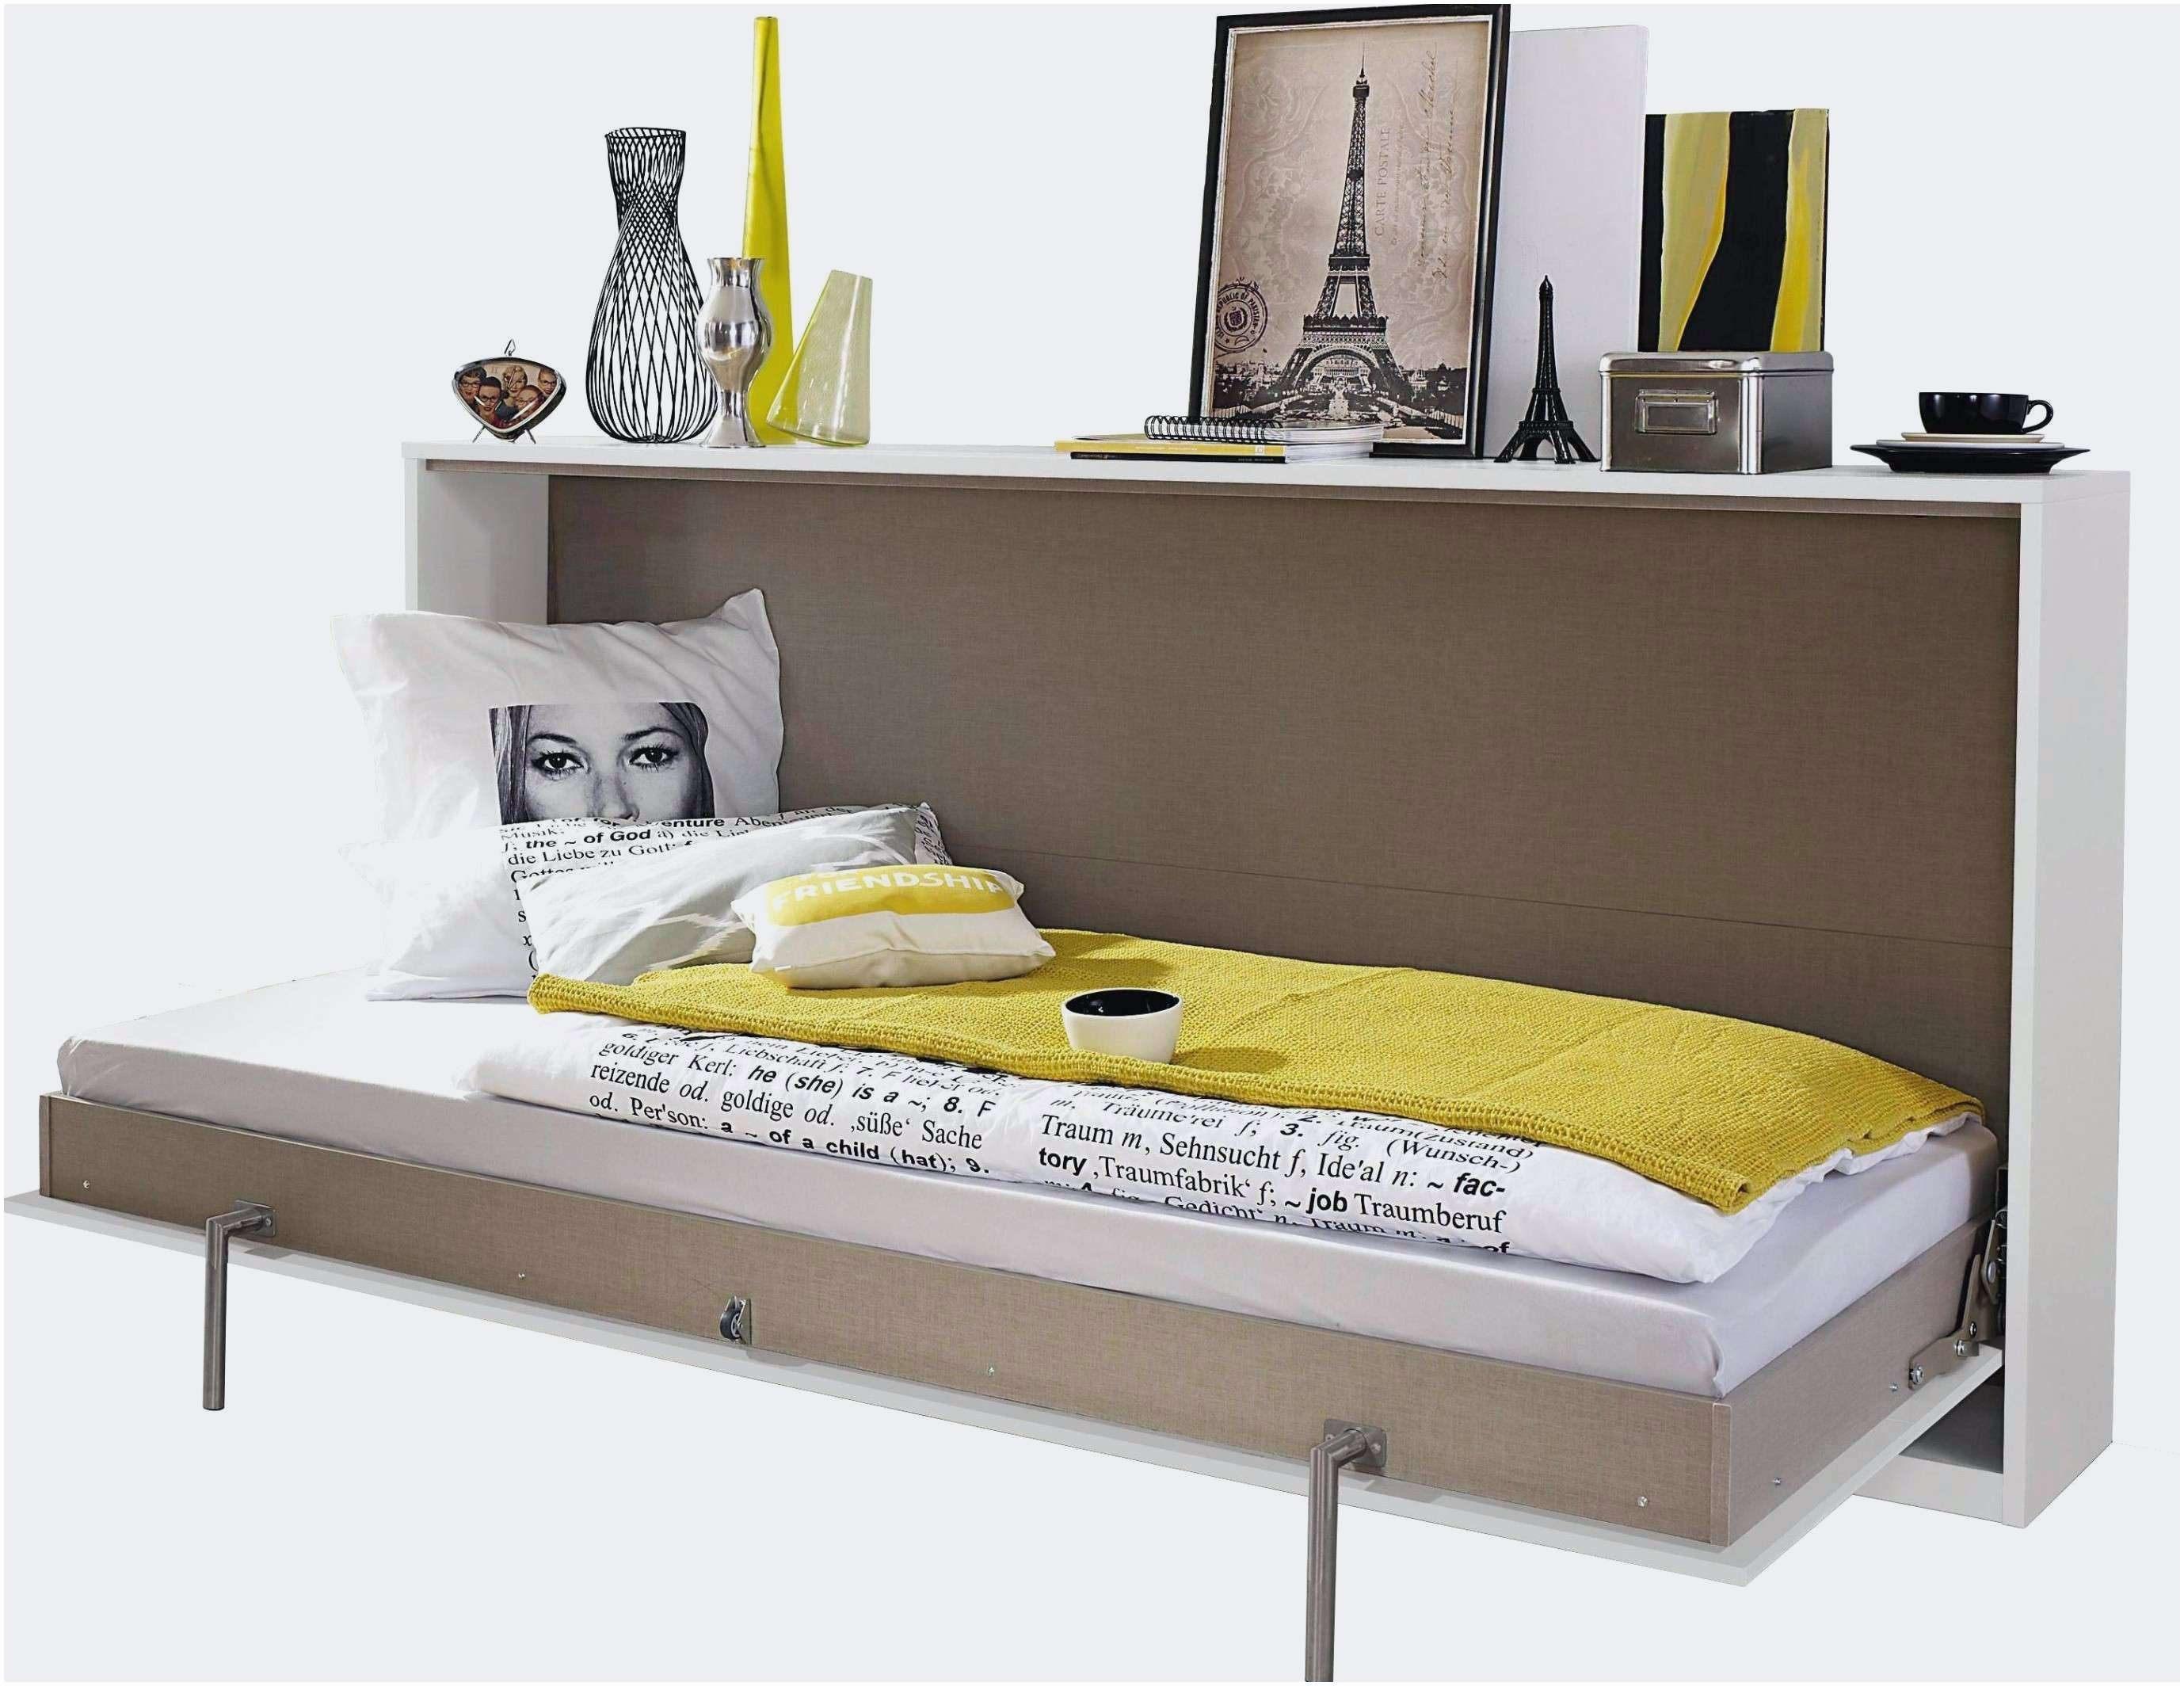 Canapé Lit Gigogne Adulte Frais Inspiré Canape Lit Gigogne Ikea Matelas Banquette Ikea